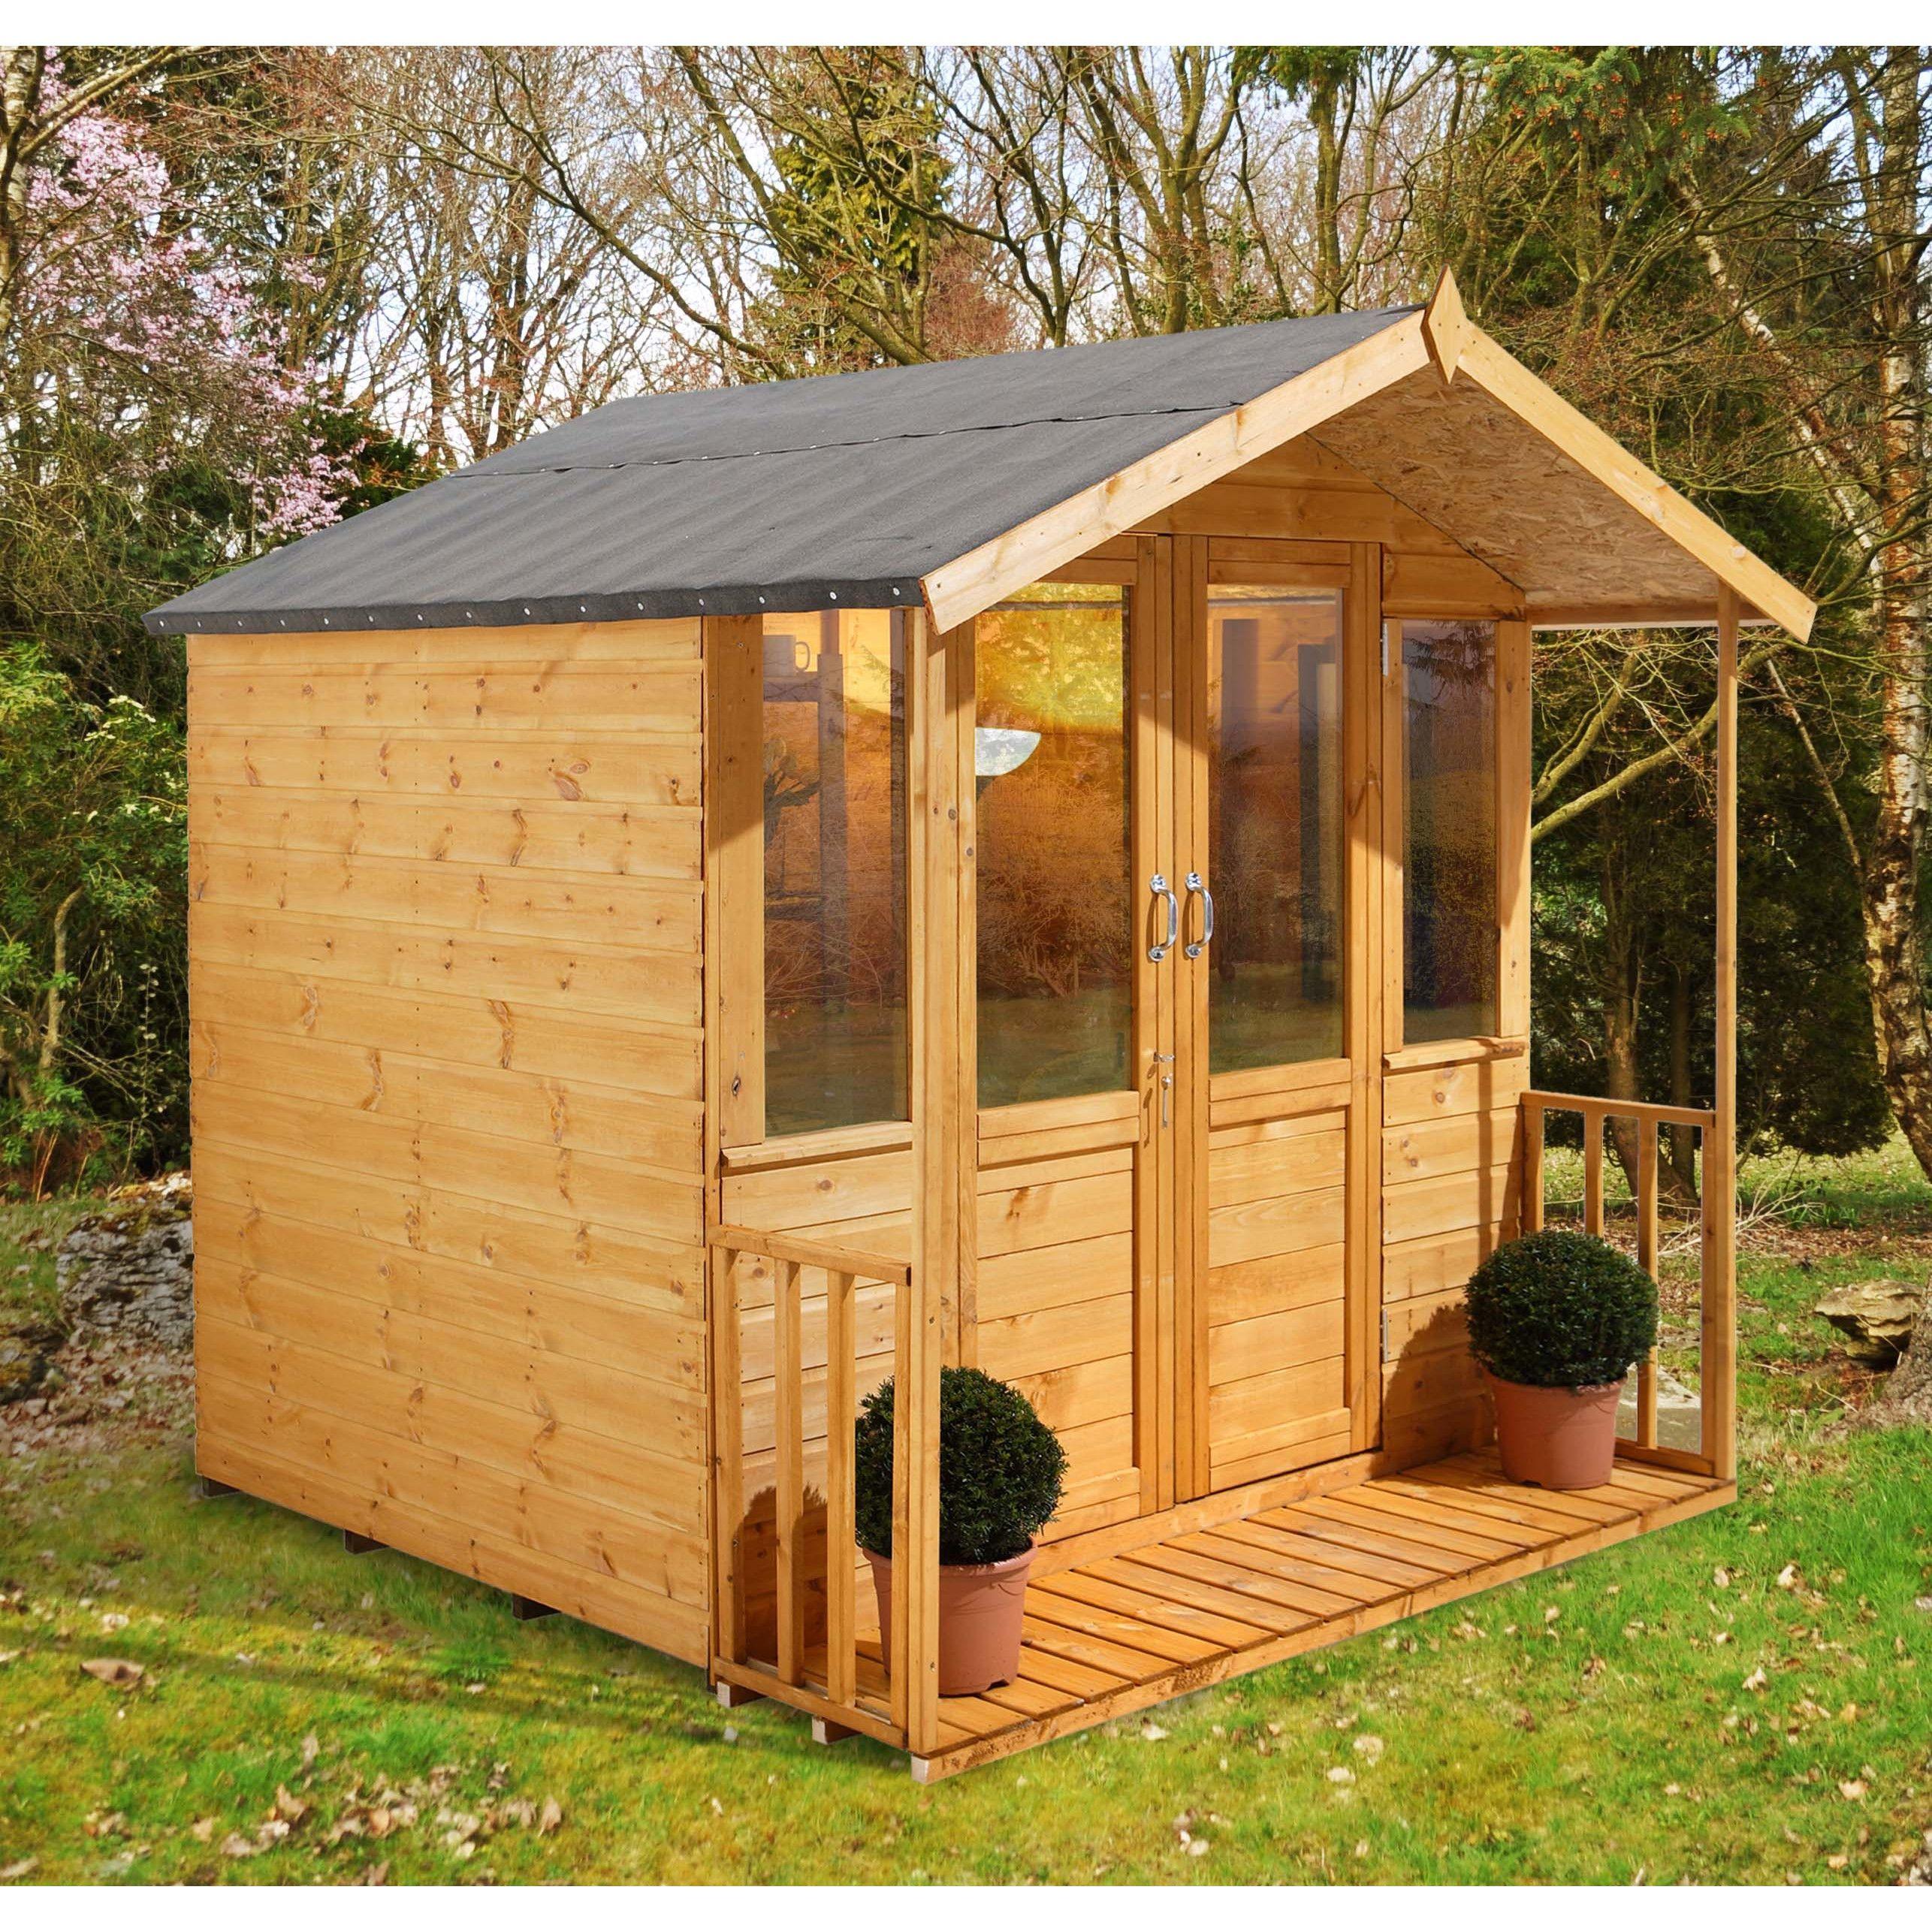 Forest Garden Maplehurst 7 x 7 Ft. Summerhouse   Wayfair ...